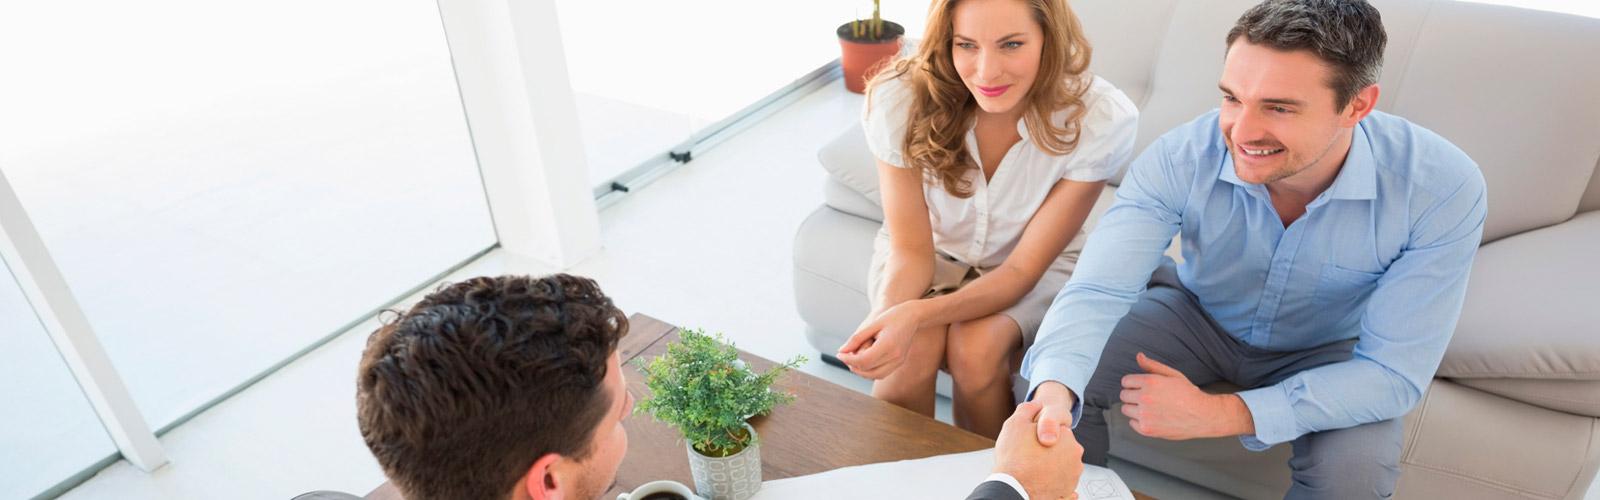 Servicio de Asesoría Legal en Intermediación y/o corretaje inmobiliario - DerechoInmobiliario.pe